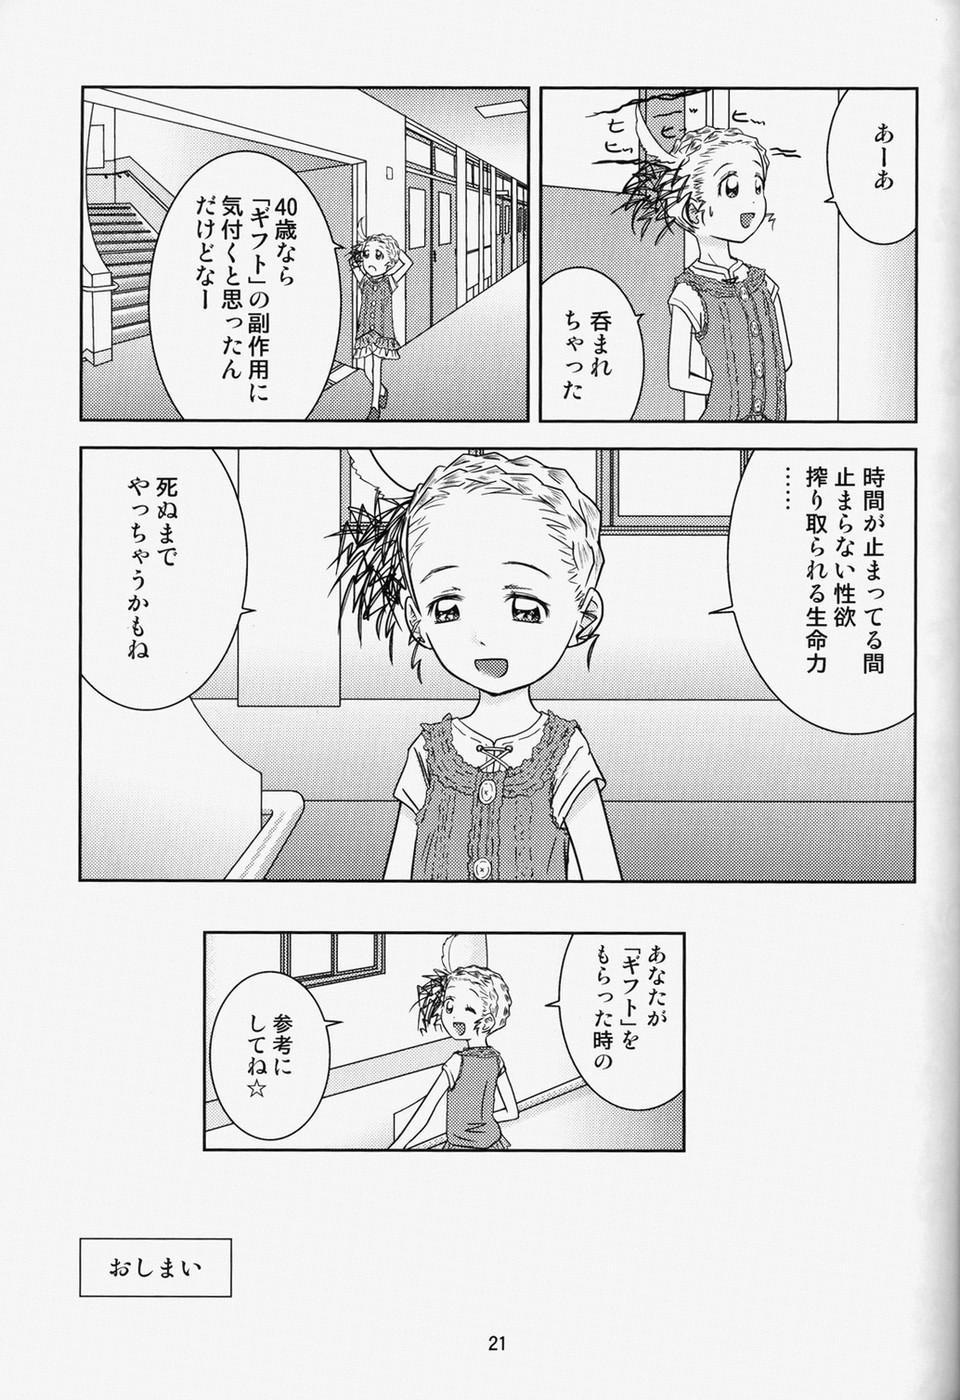 Moshimo Jikan ga Tomattara!? 2 Byou 19